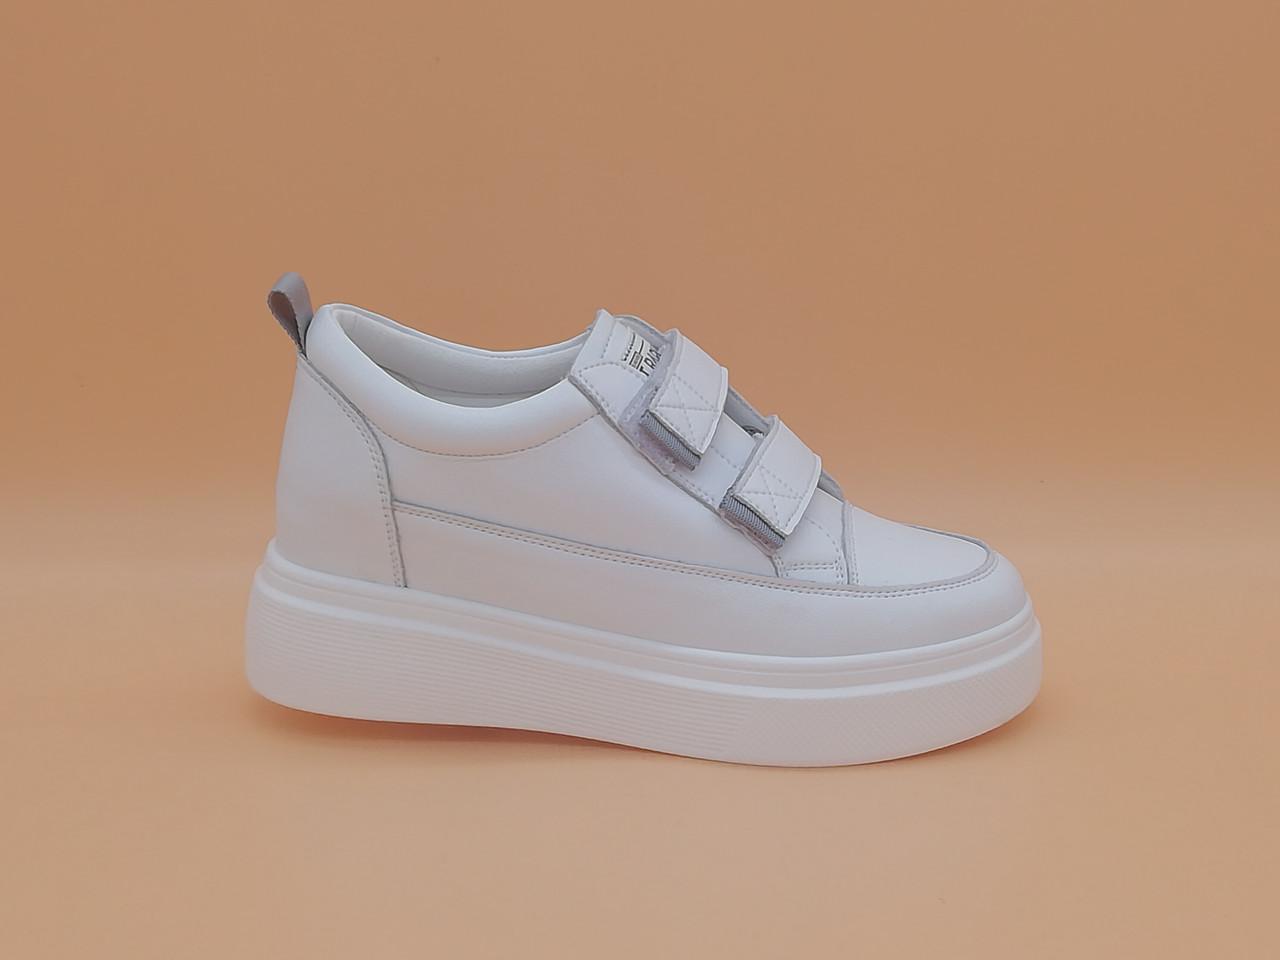 Білі кросівки. Маленькі розміри ( 33 - 35 ).